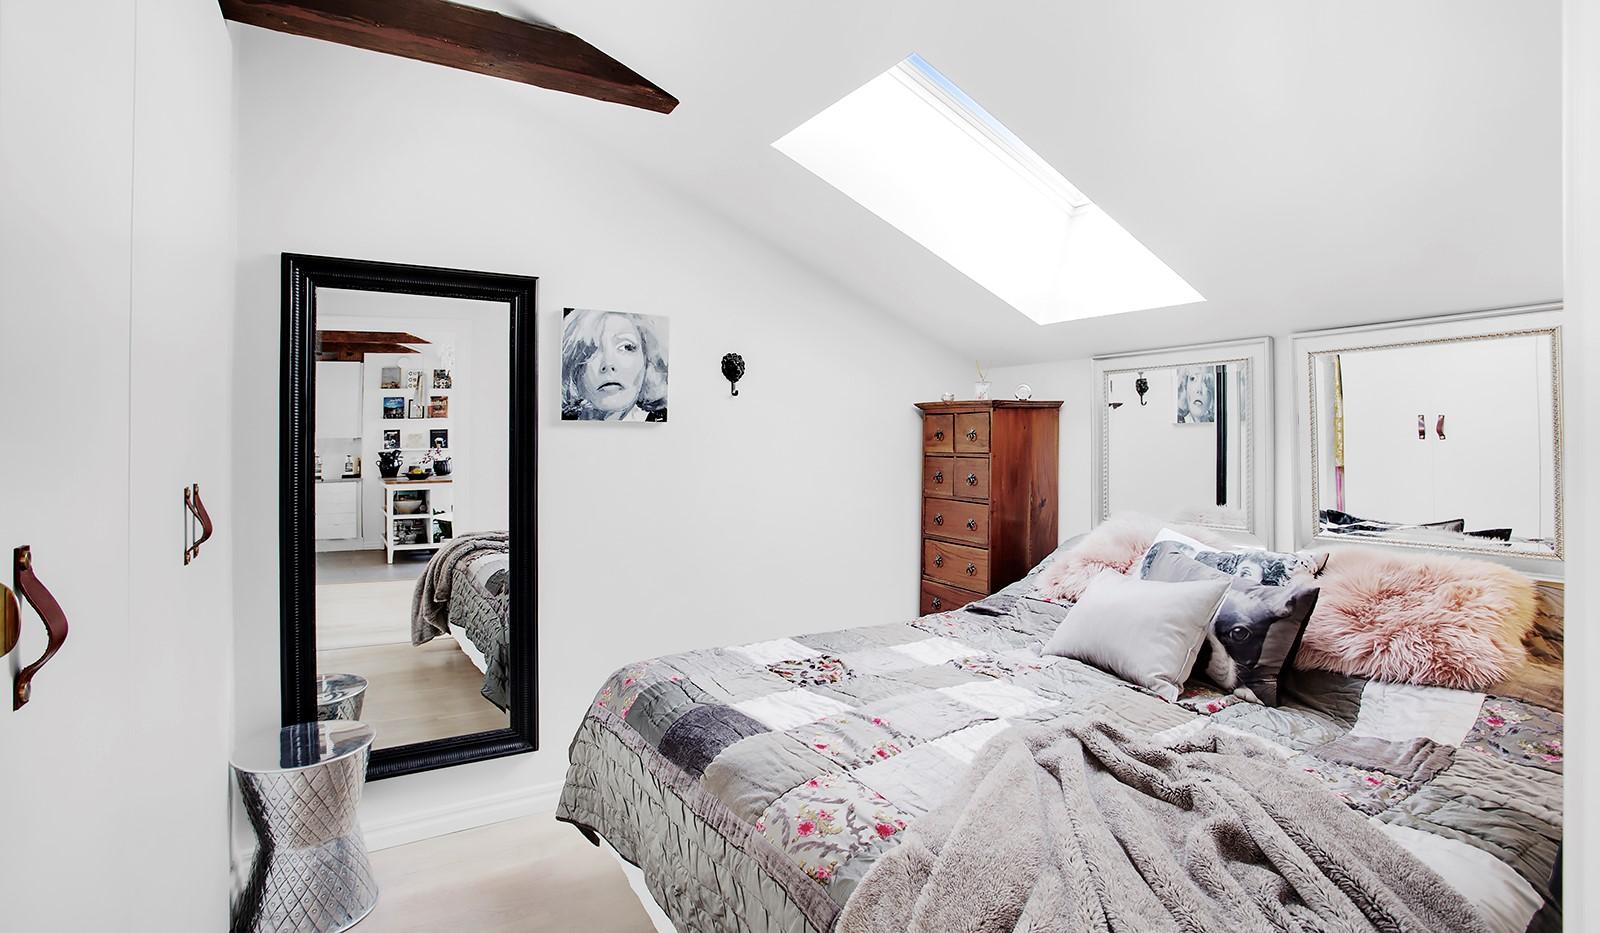 Maria Prästgårdsgata 19, 5 tr - Takfönster och bjälkar i sovrum